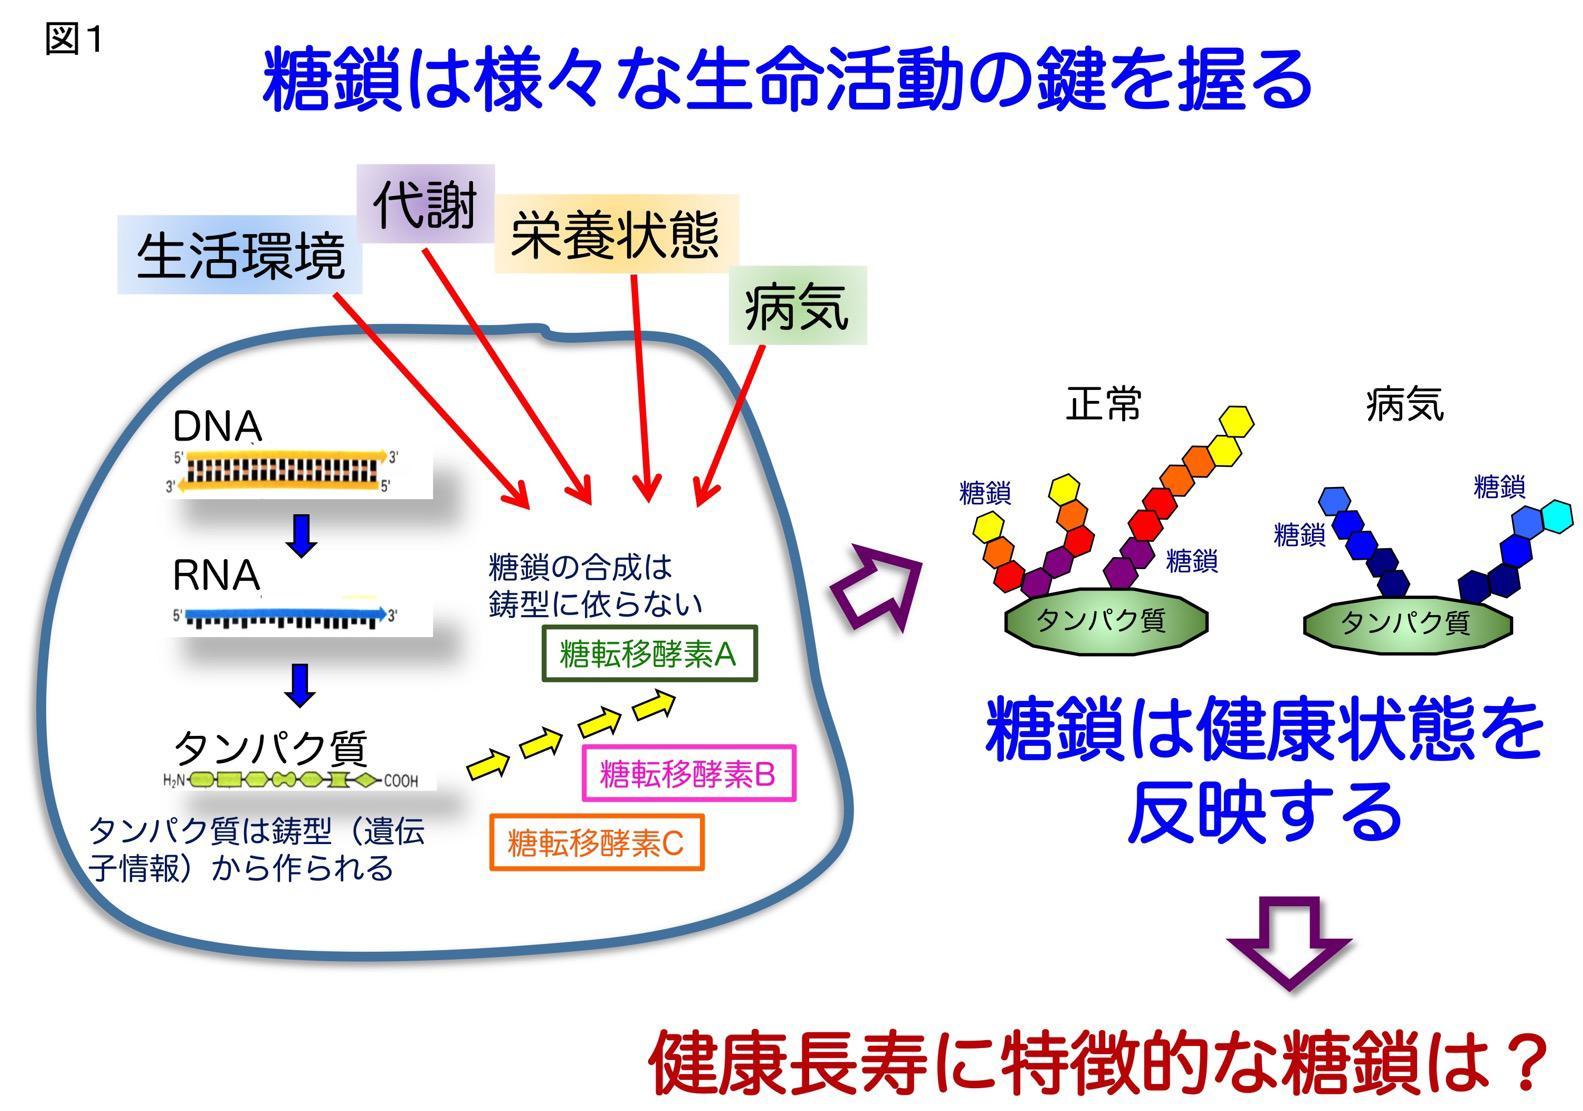 図1 糖鎖は様々な生命活動の鍵を握る